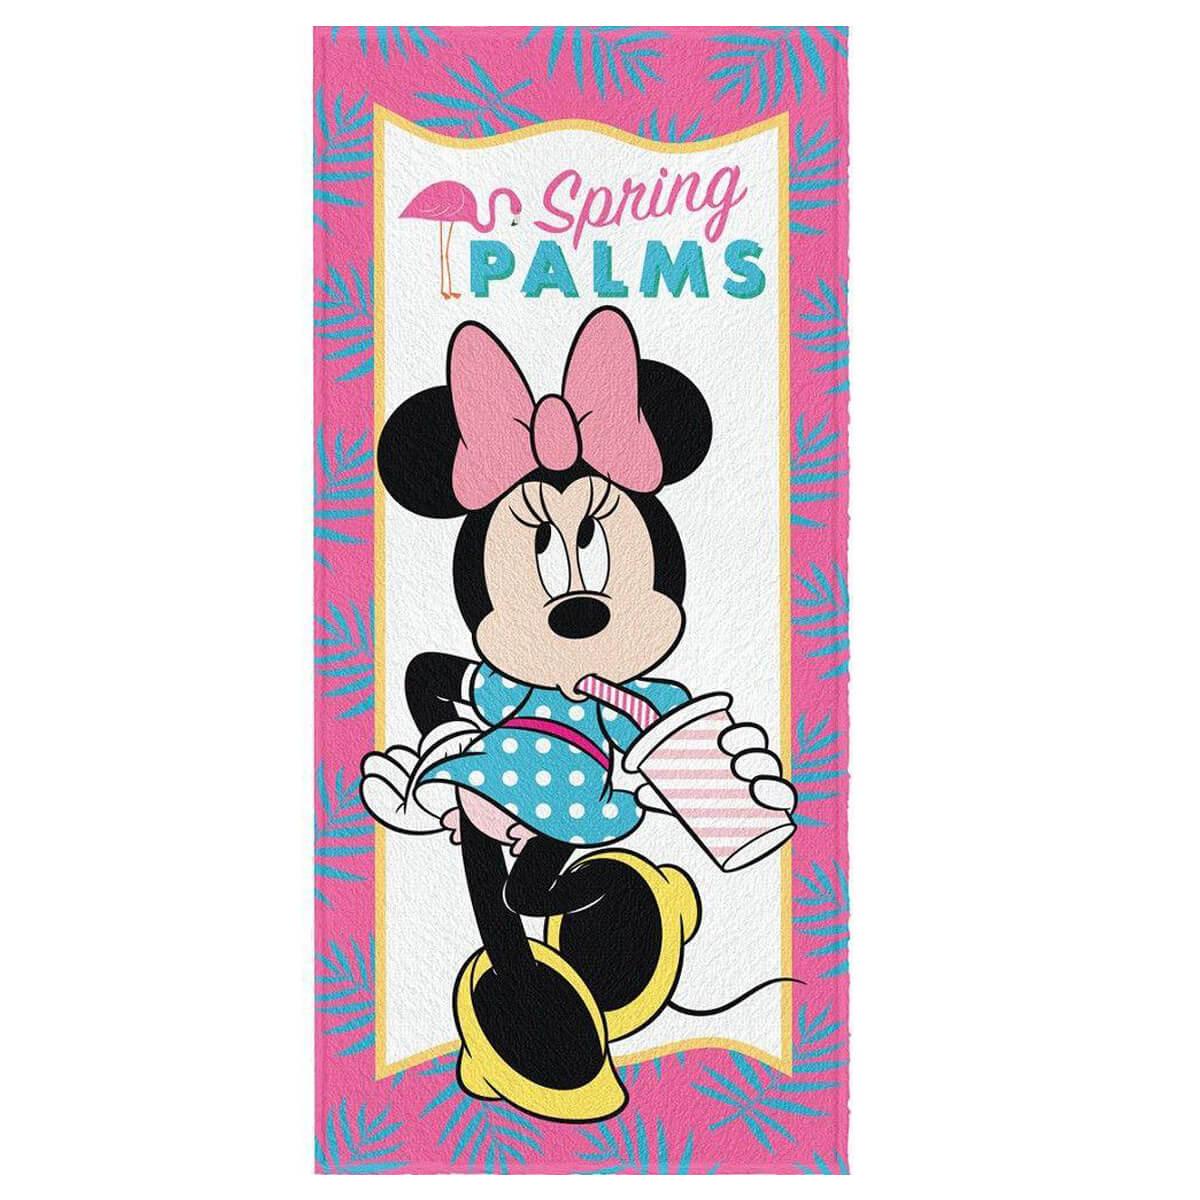 Toalha de Banho Infantil Felpuda Minnie Spring Palms